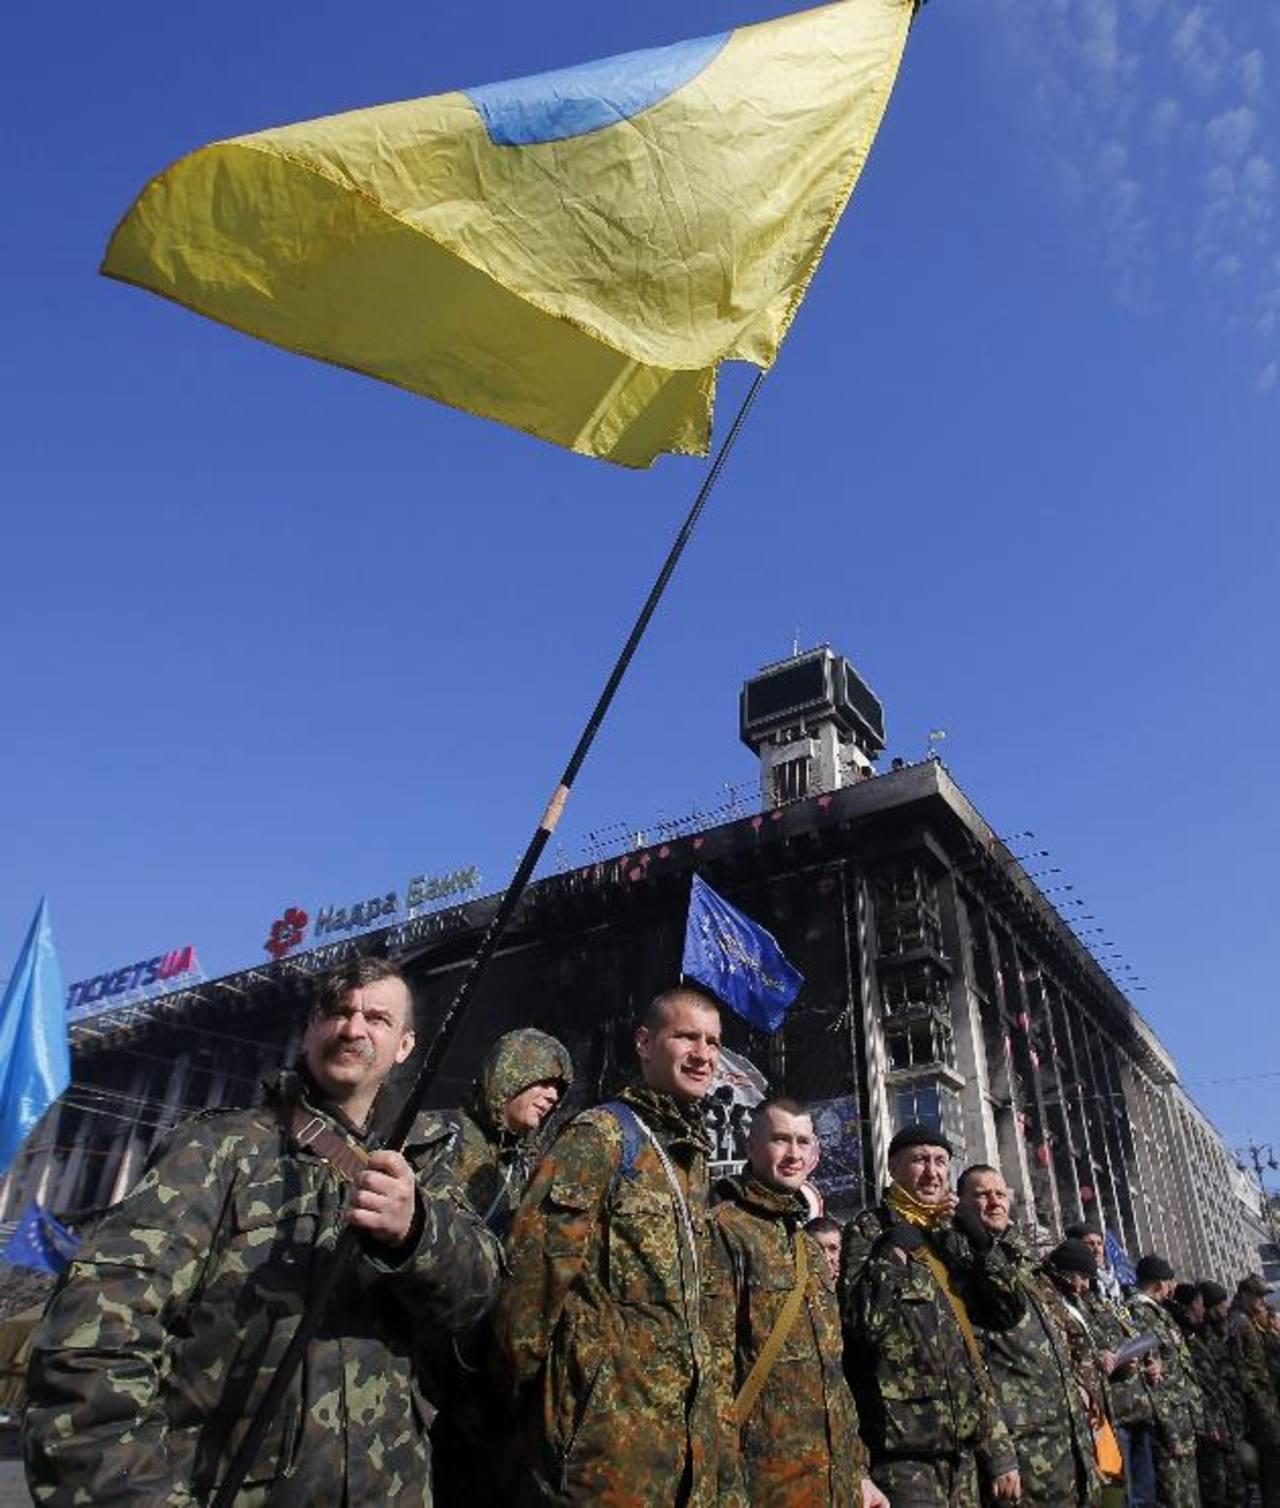 Voluntarios ucranianos de las fuerzas de autodefensa pasan una revisión ayer en la Plaza de la Independencia en Kiev antes de su traslado a un campo de entrenamiento. foto edh / EFE